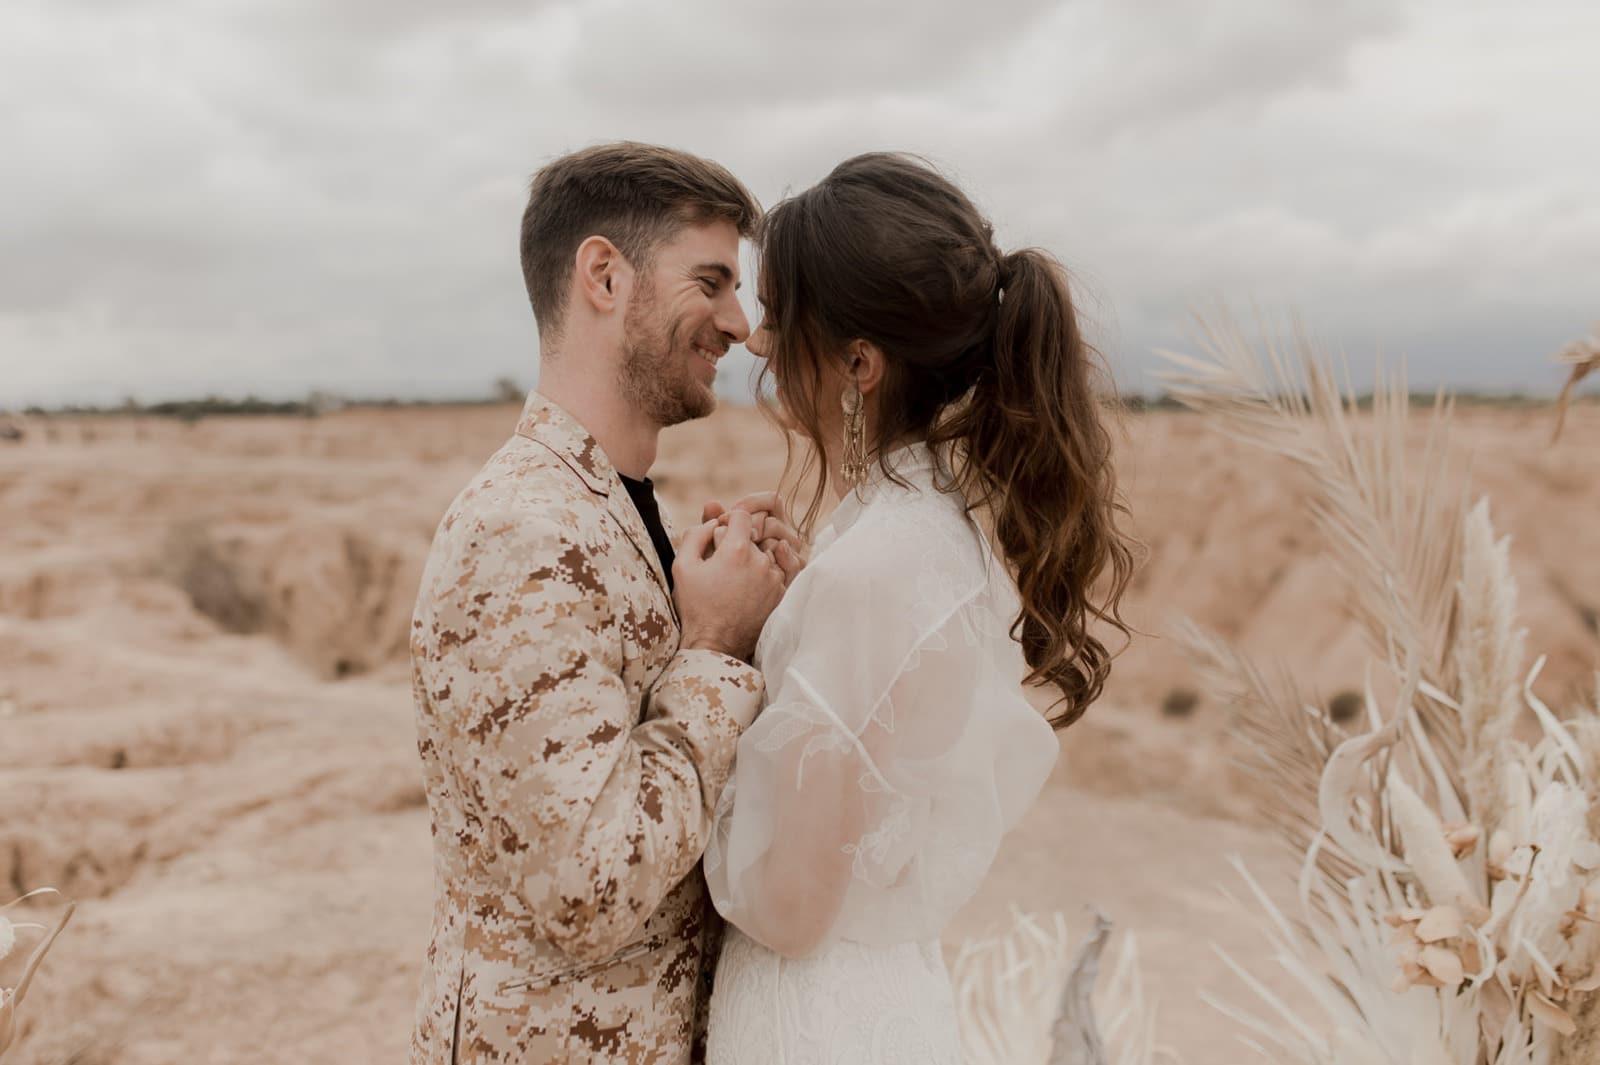 photographe et vidéaste mariage végétal elopement maroc